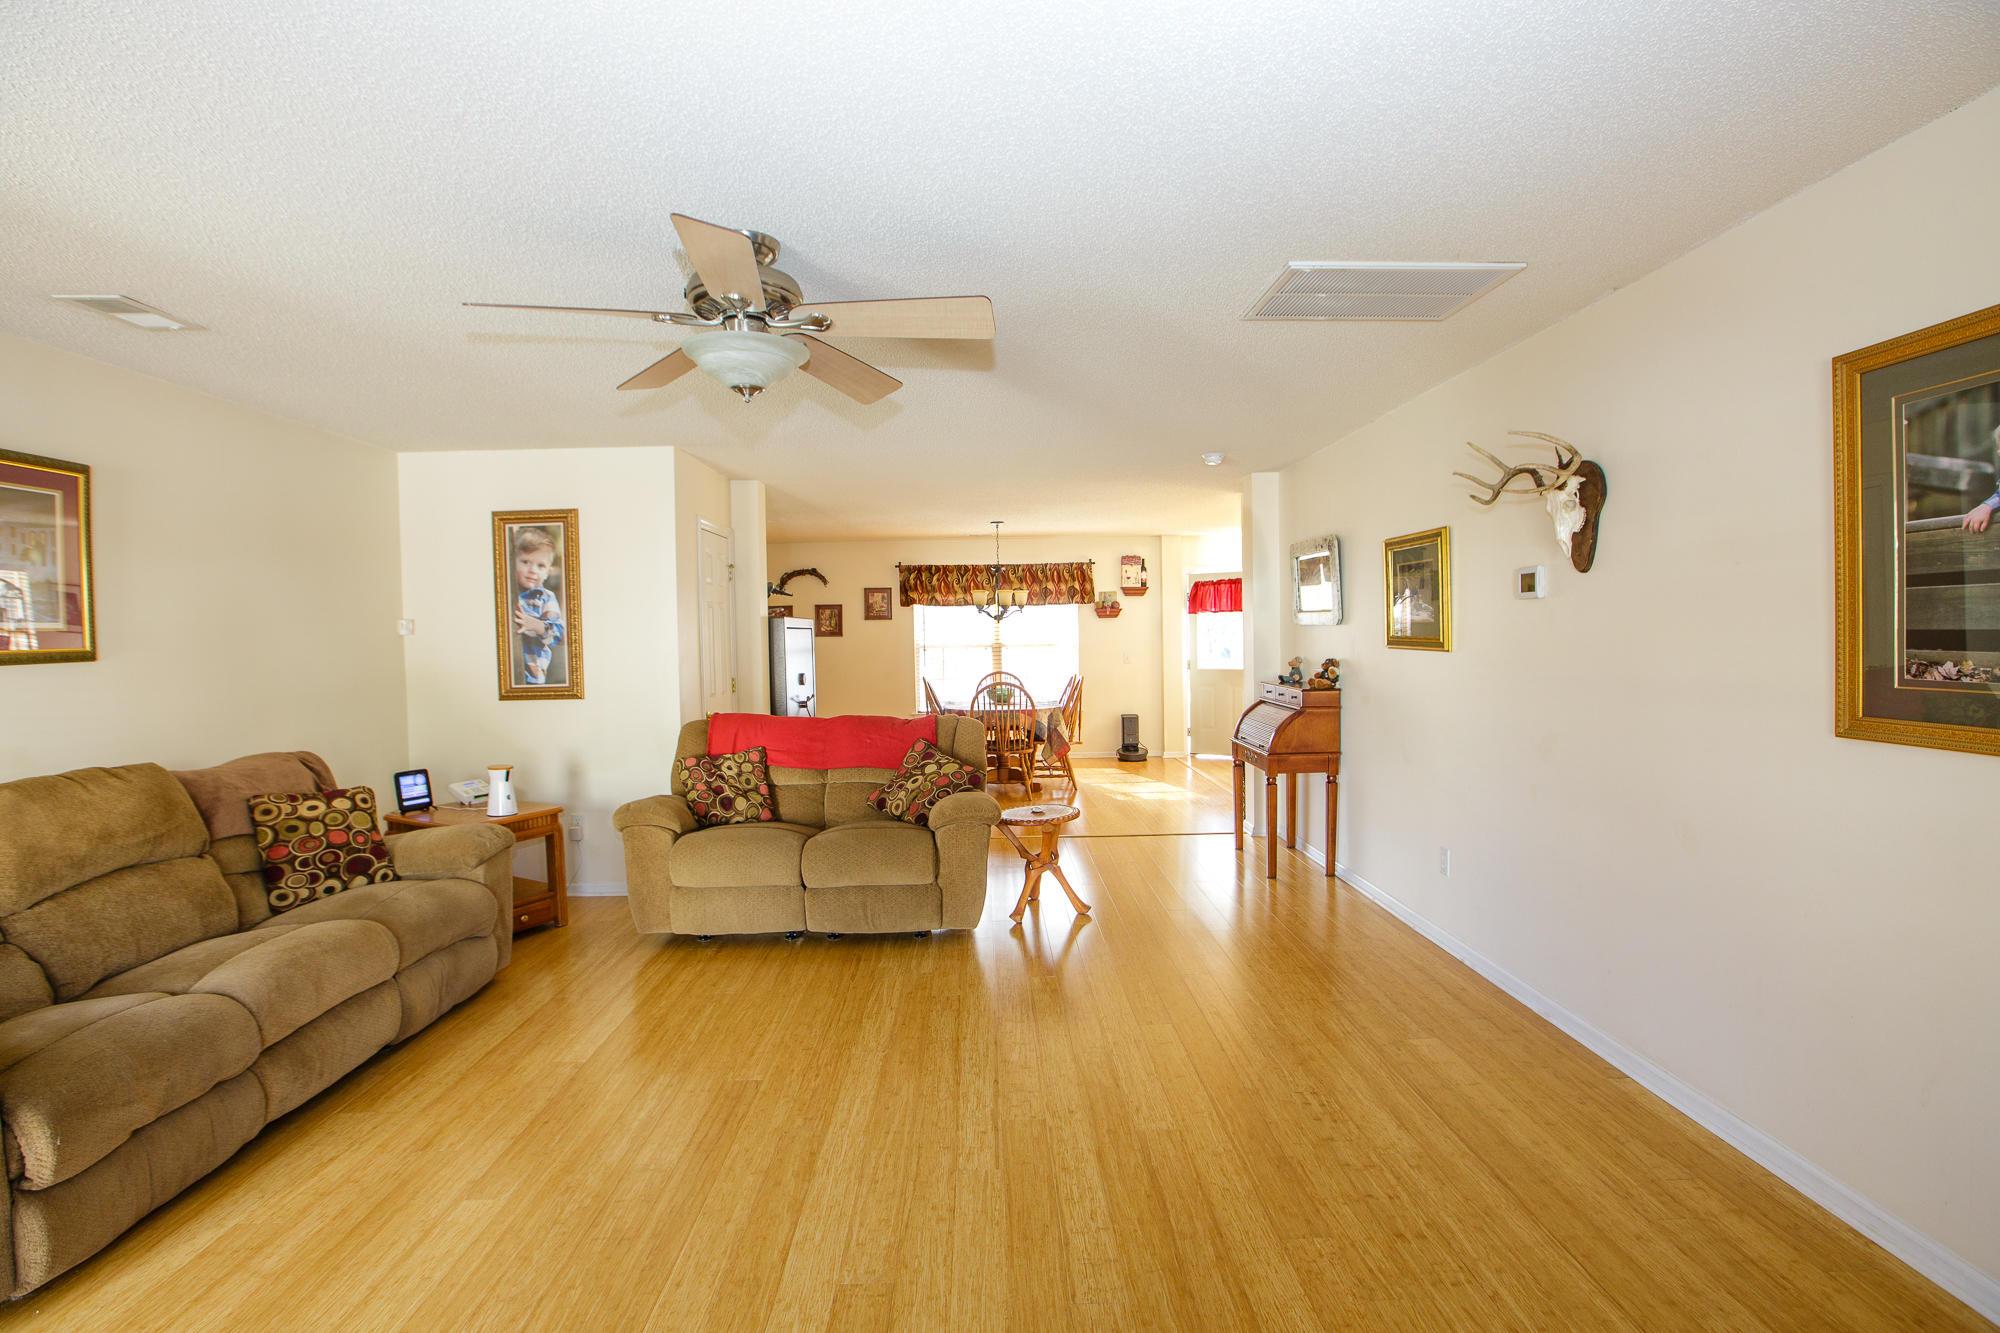 Hawthorne Place Homes For Sale - 347 Cohen, Ladson, SC - 7